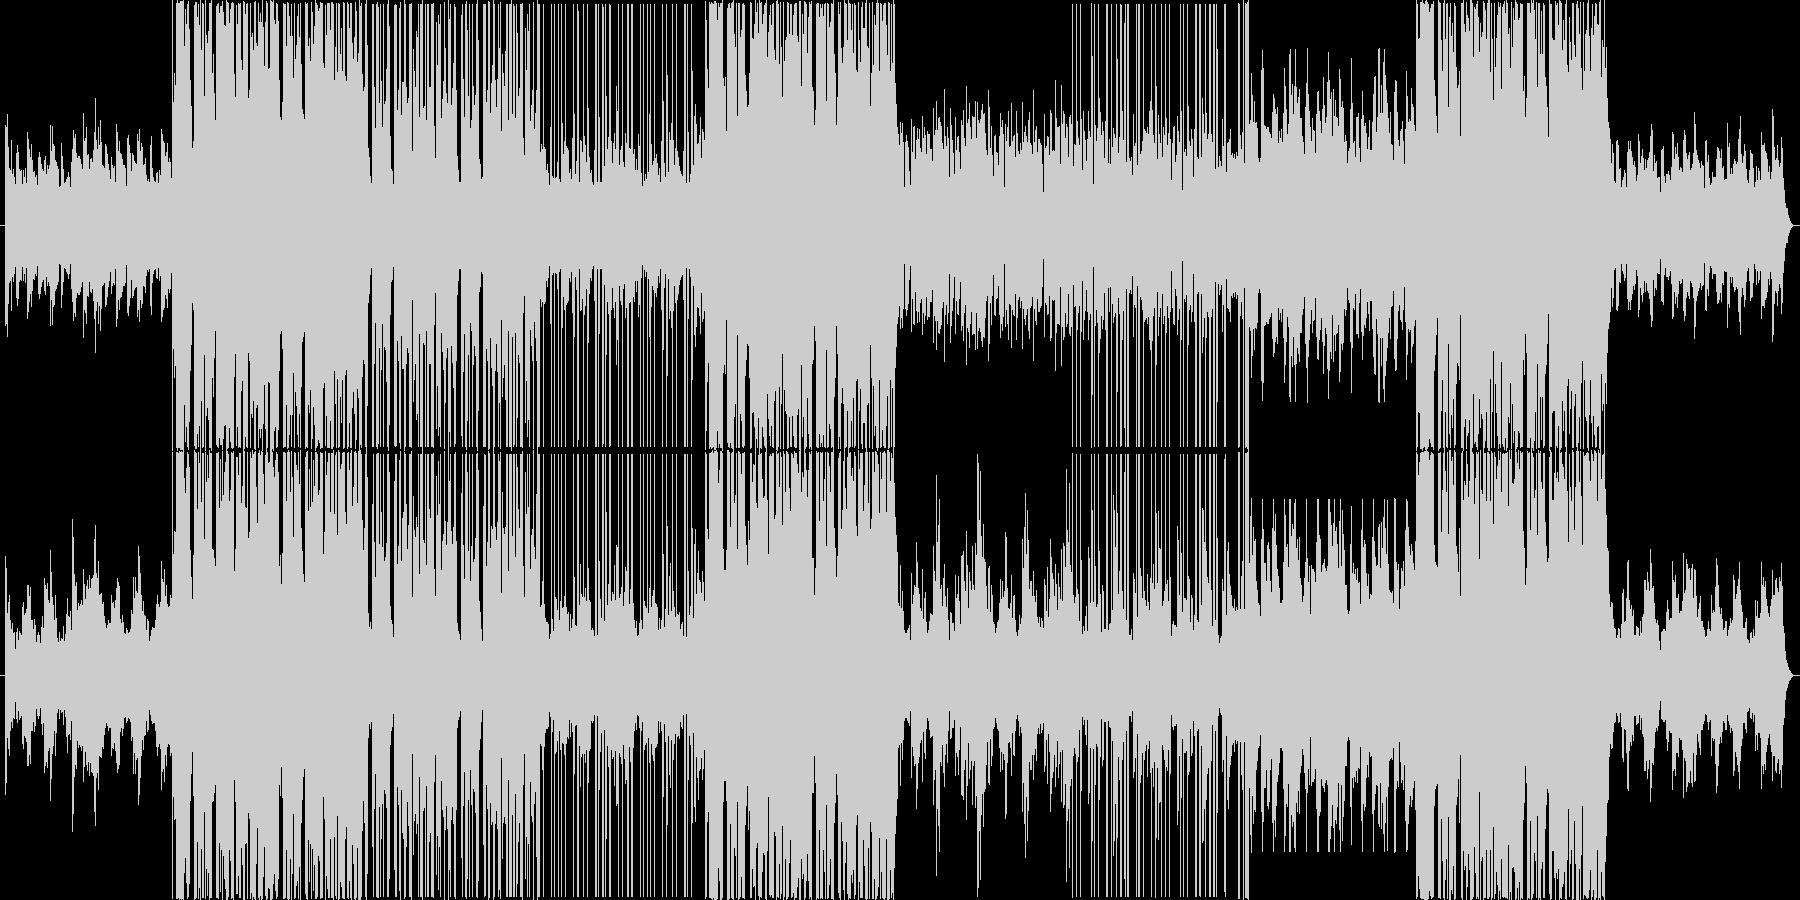 モダンな洋楽風 Trap Popの未再生の波形